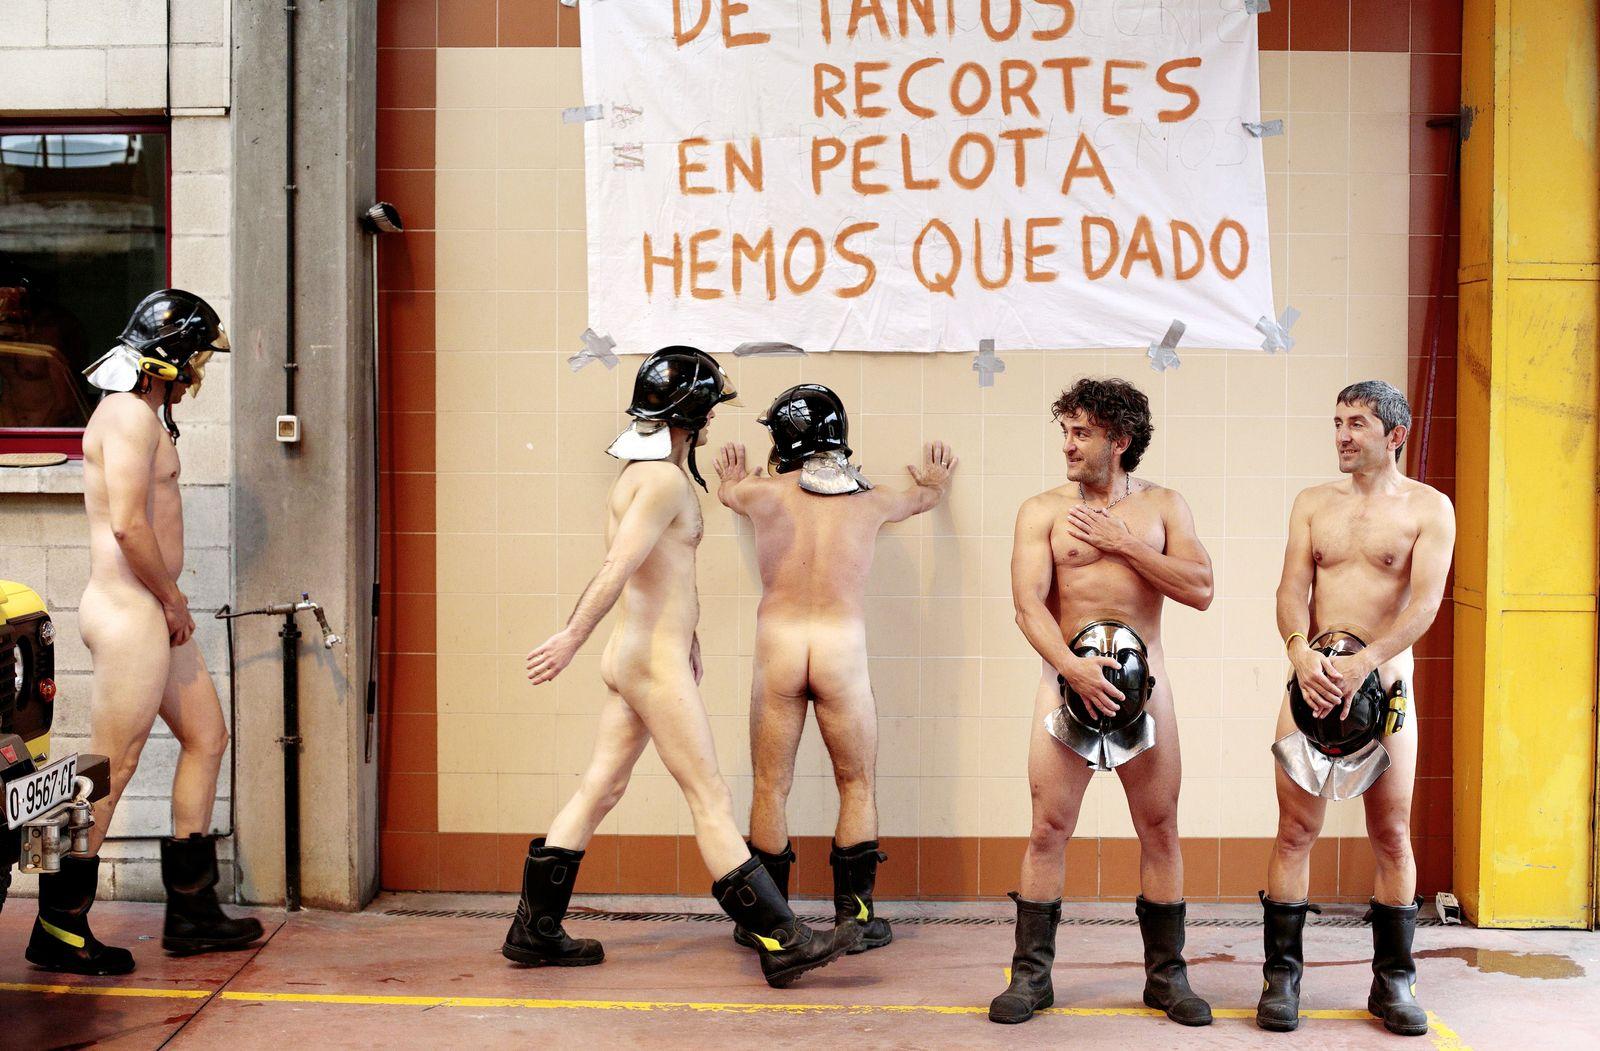 DER SPIEGEL 31/2012 pp 44 SPIN Spanien